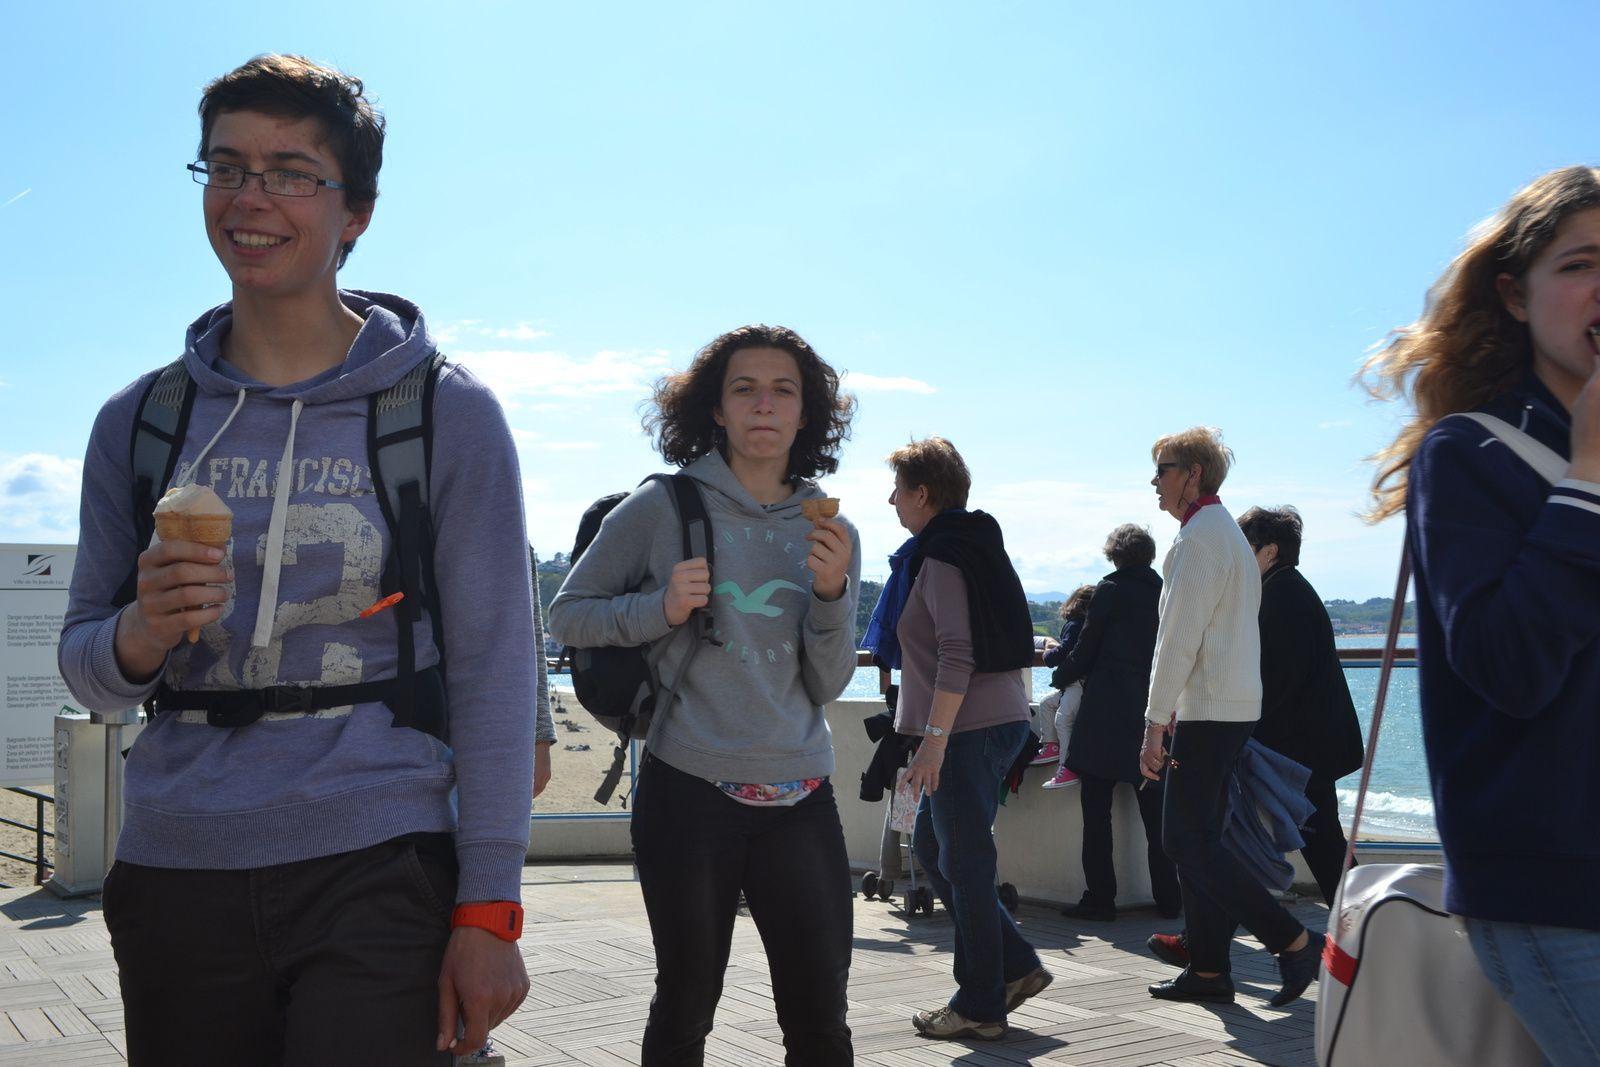 mercredi aprem: excursion St Jean de Luz et Biarritz